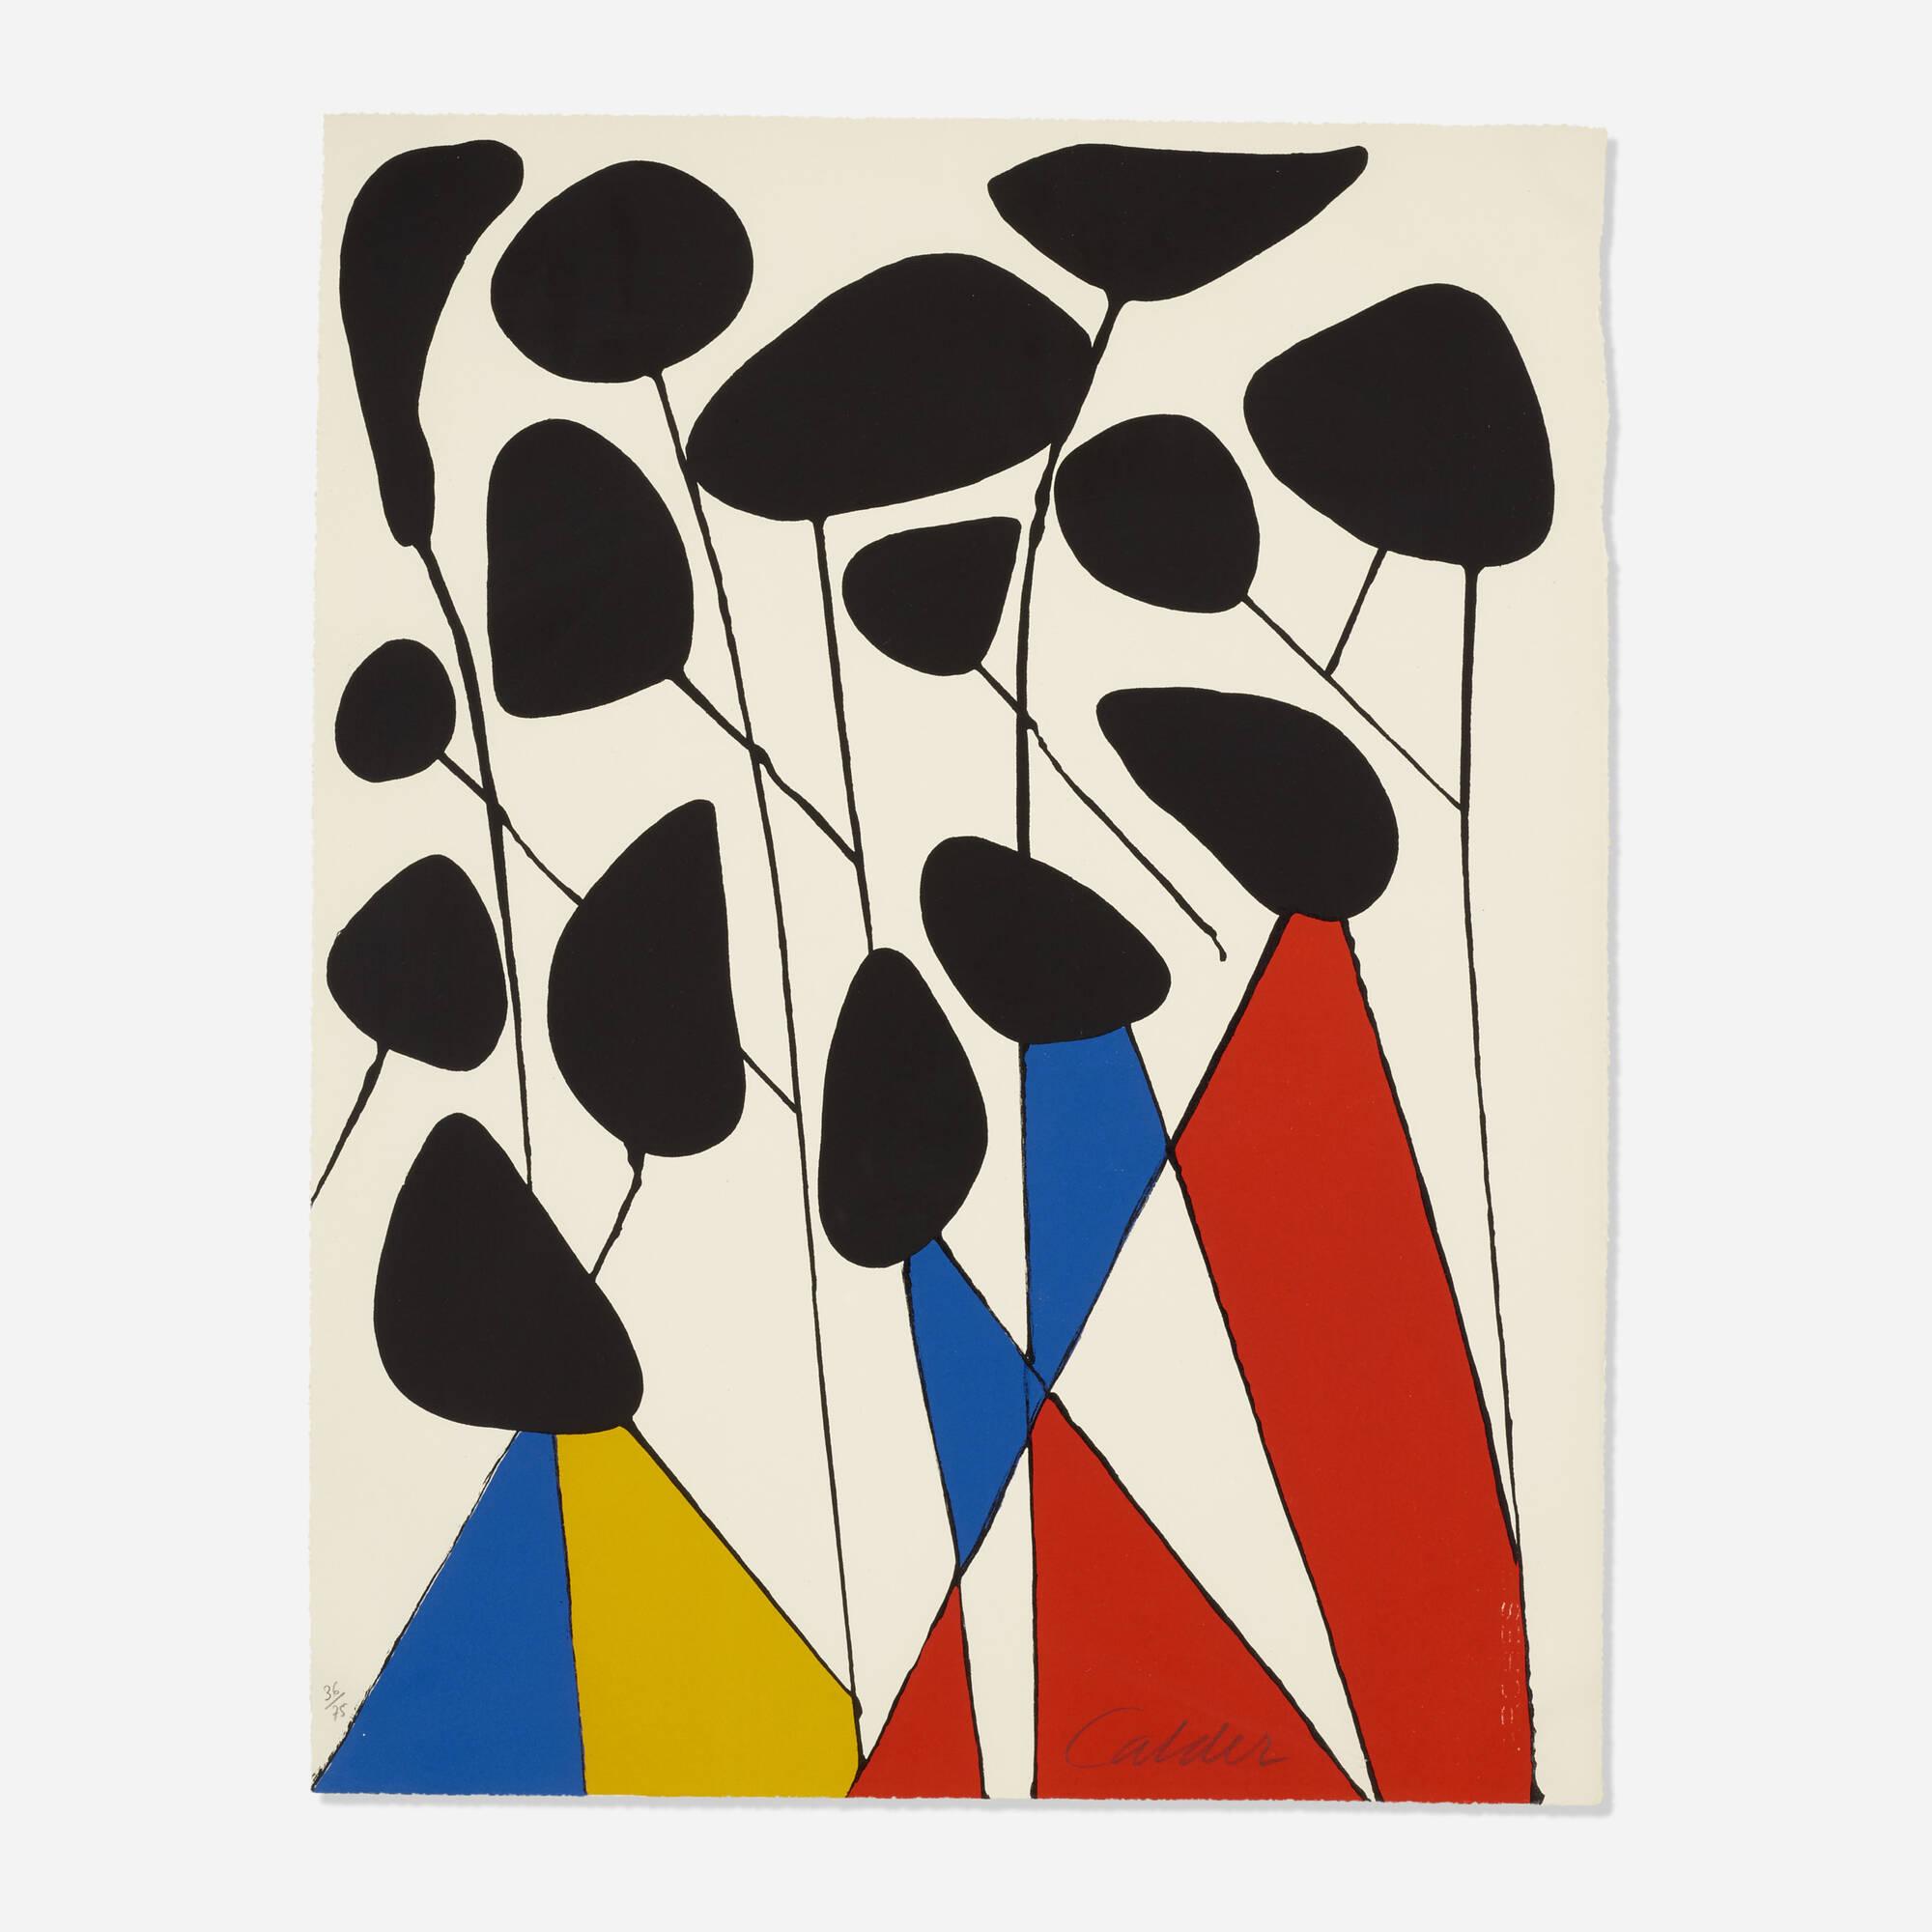 112: Alexander Calder / Untitled (from the Calder, Magie Eolienne portfolio) (1 of 1)